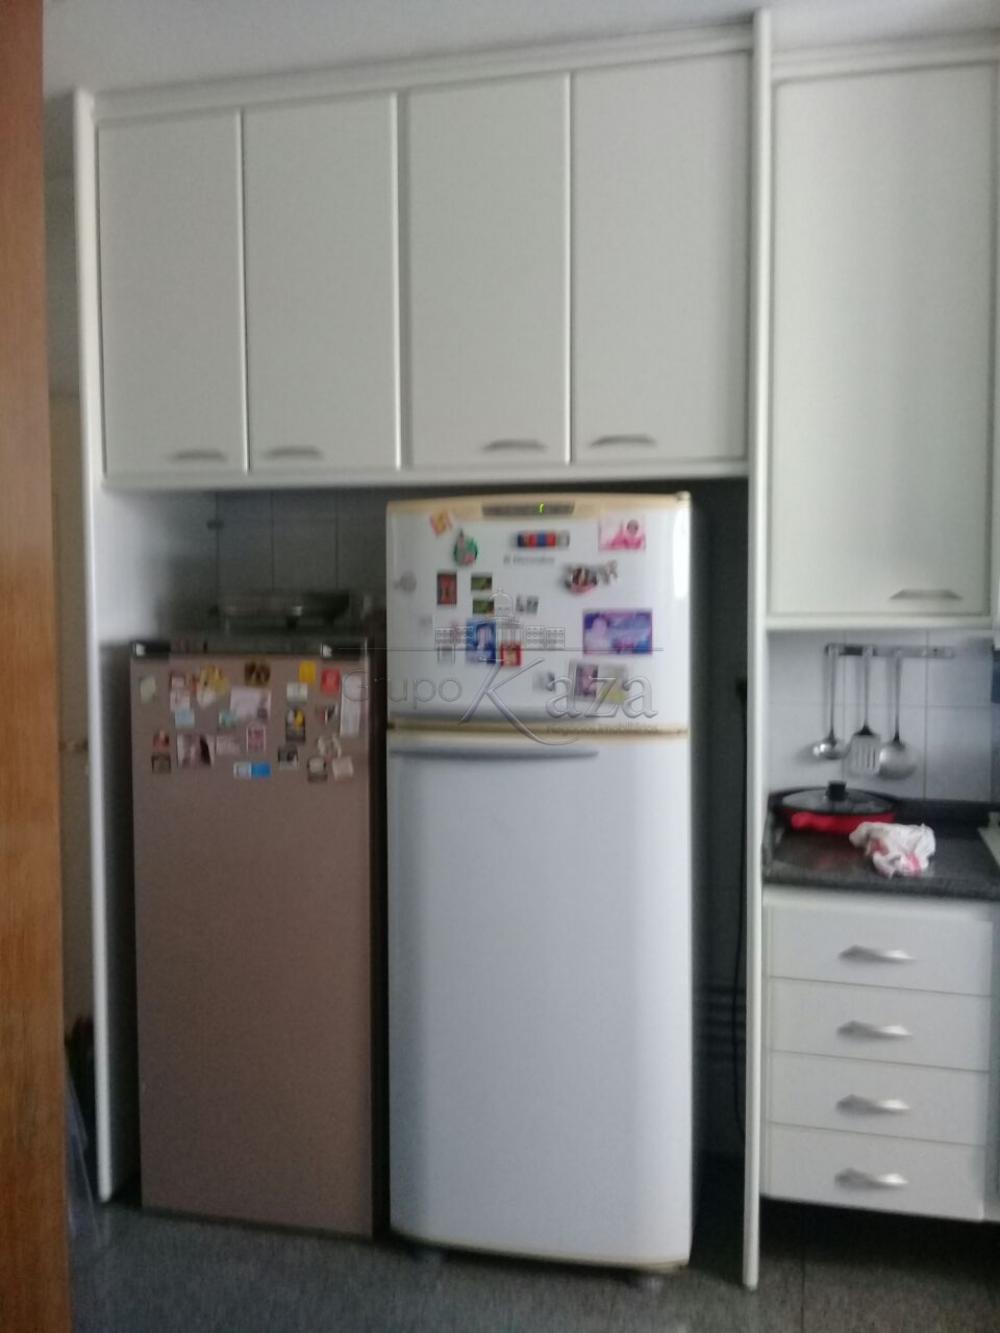 Alugar Apartamento / Padrão em São José dos Campos apenas R$ 2.200,00 - Foto 7